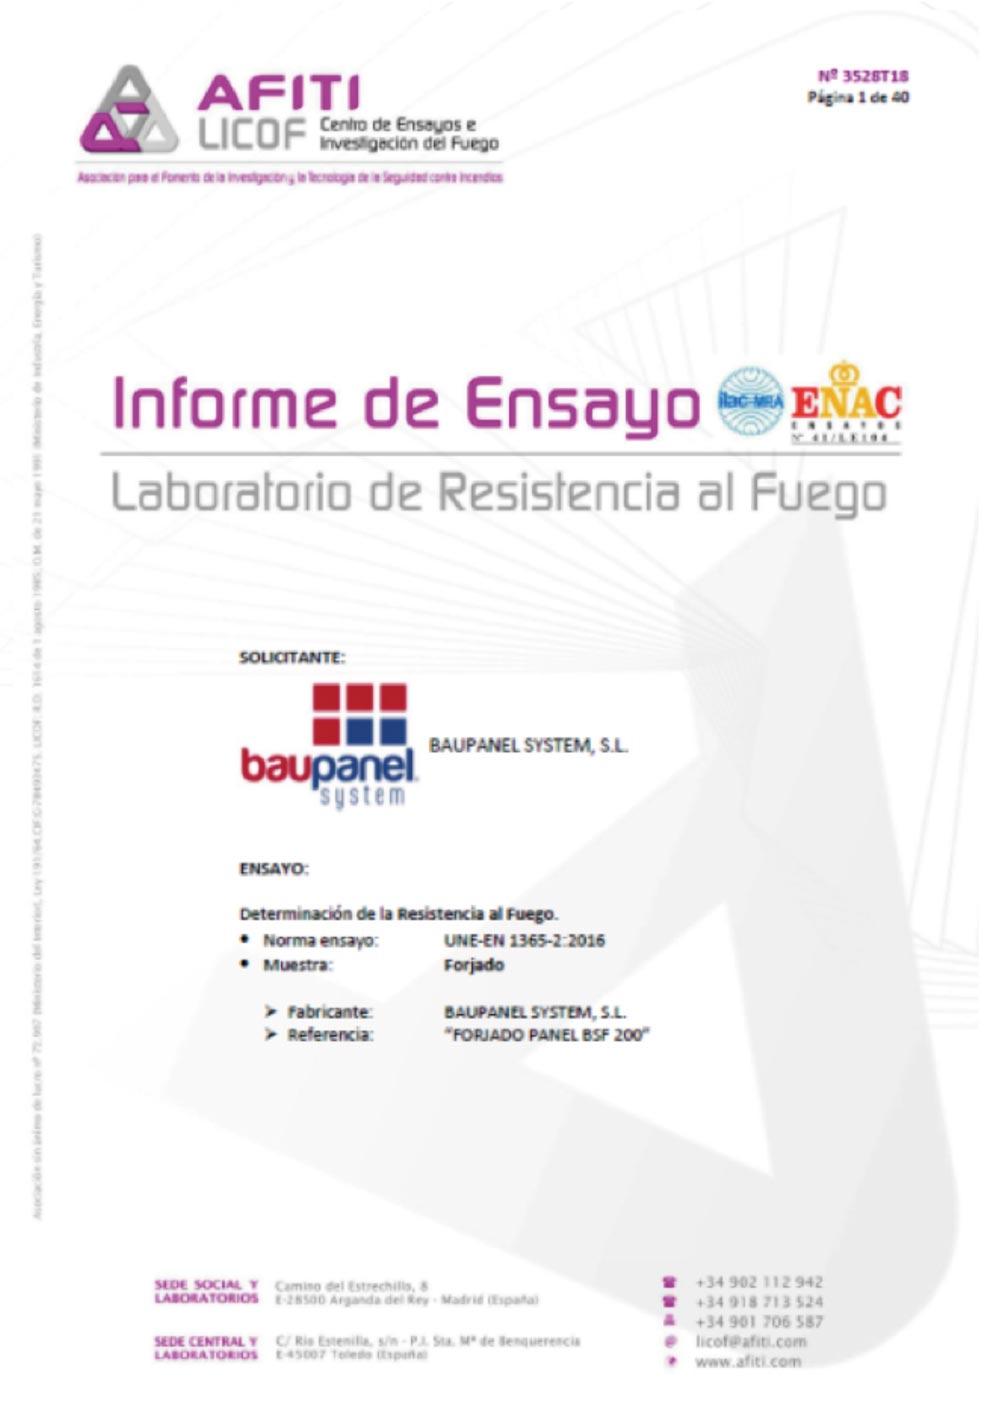 Certificación de resistencia al fuego Afiti en forjados Baupanel